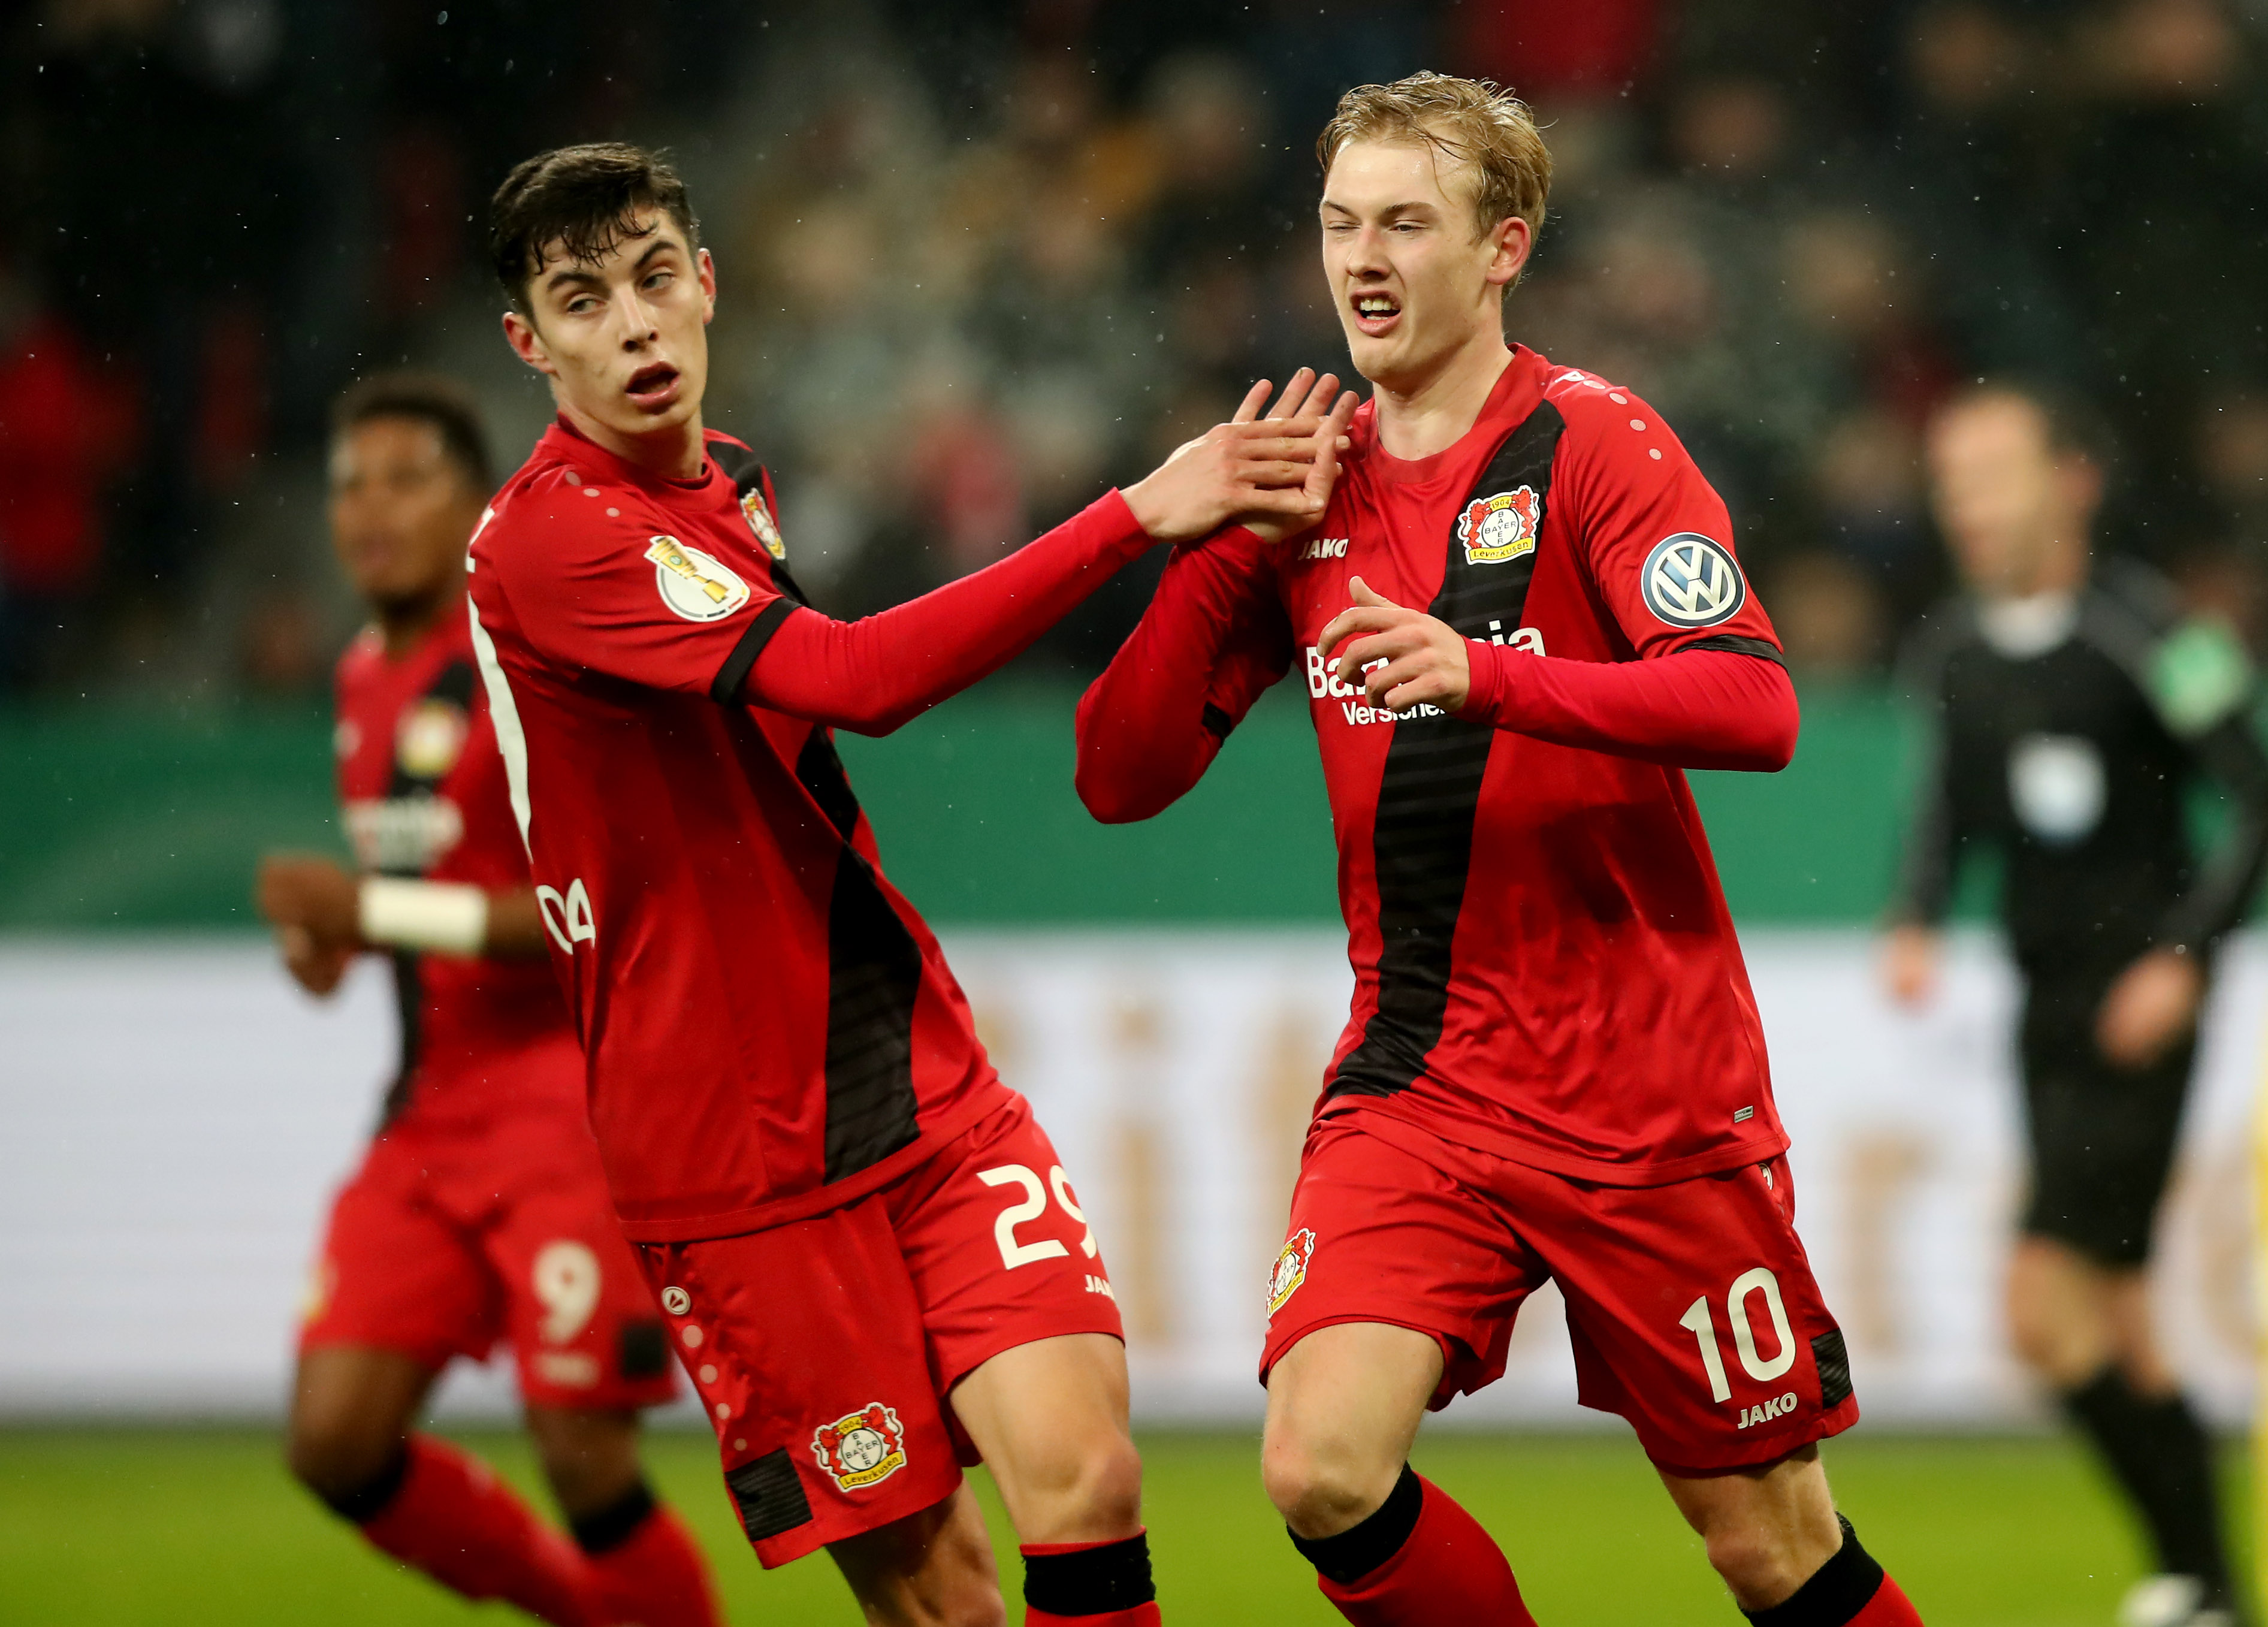 Burgstaller schießt Schalke zum Sieg in Leverkusen